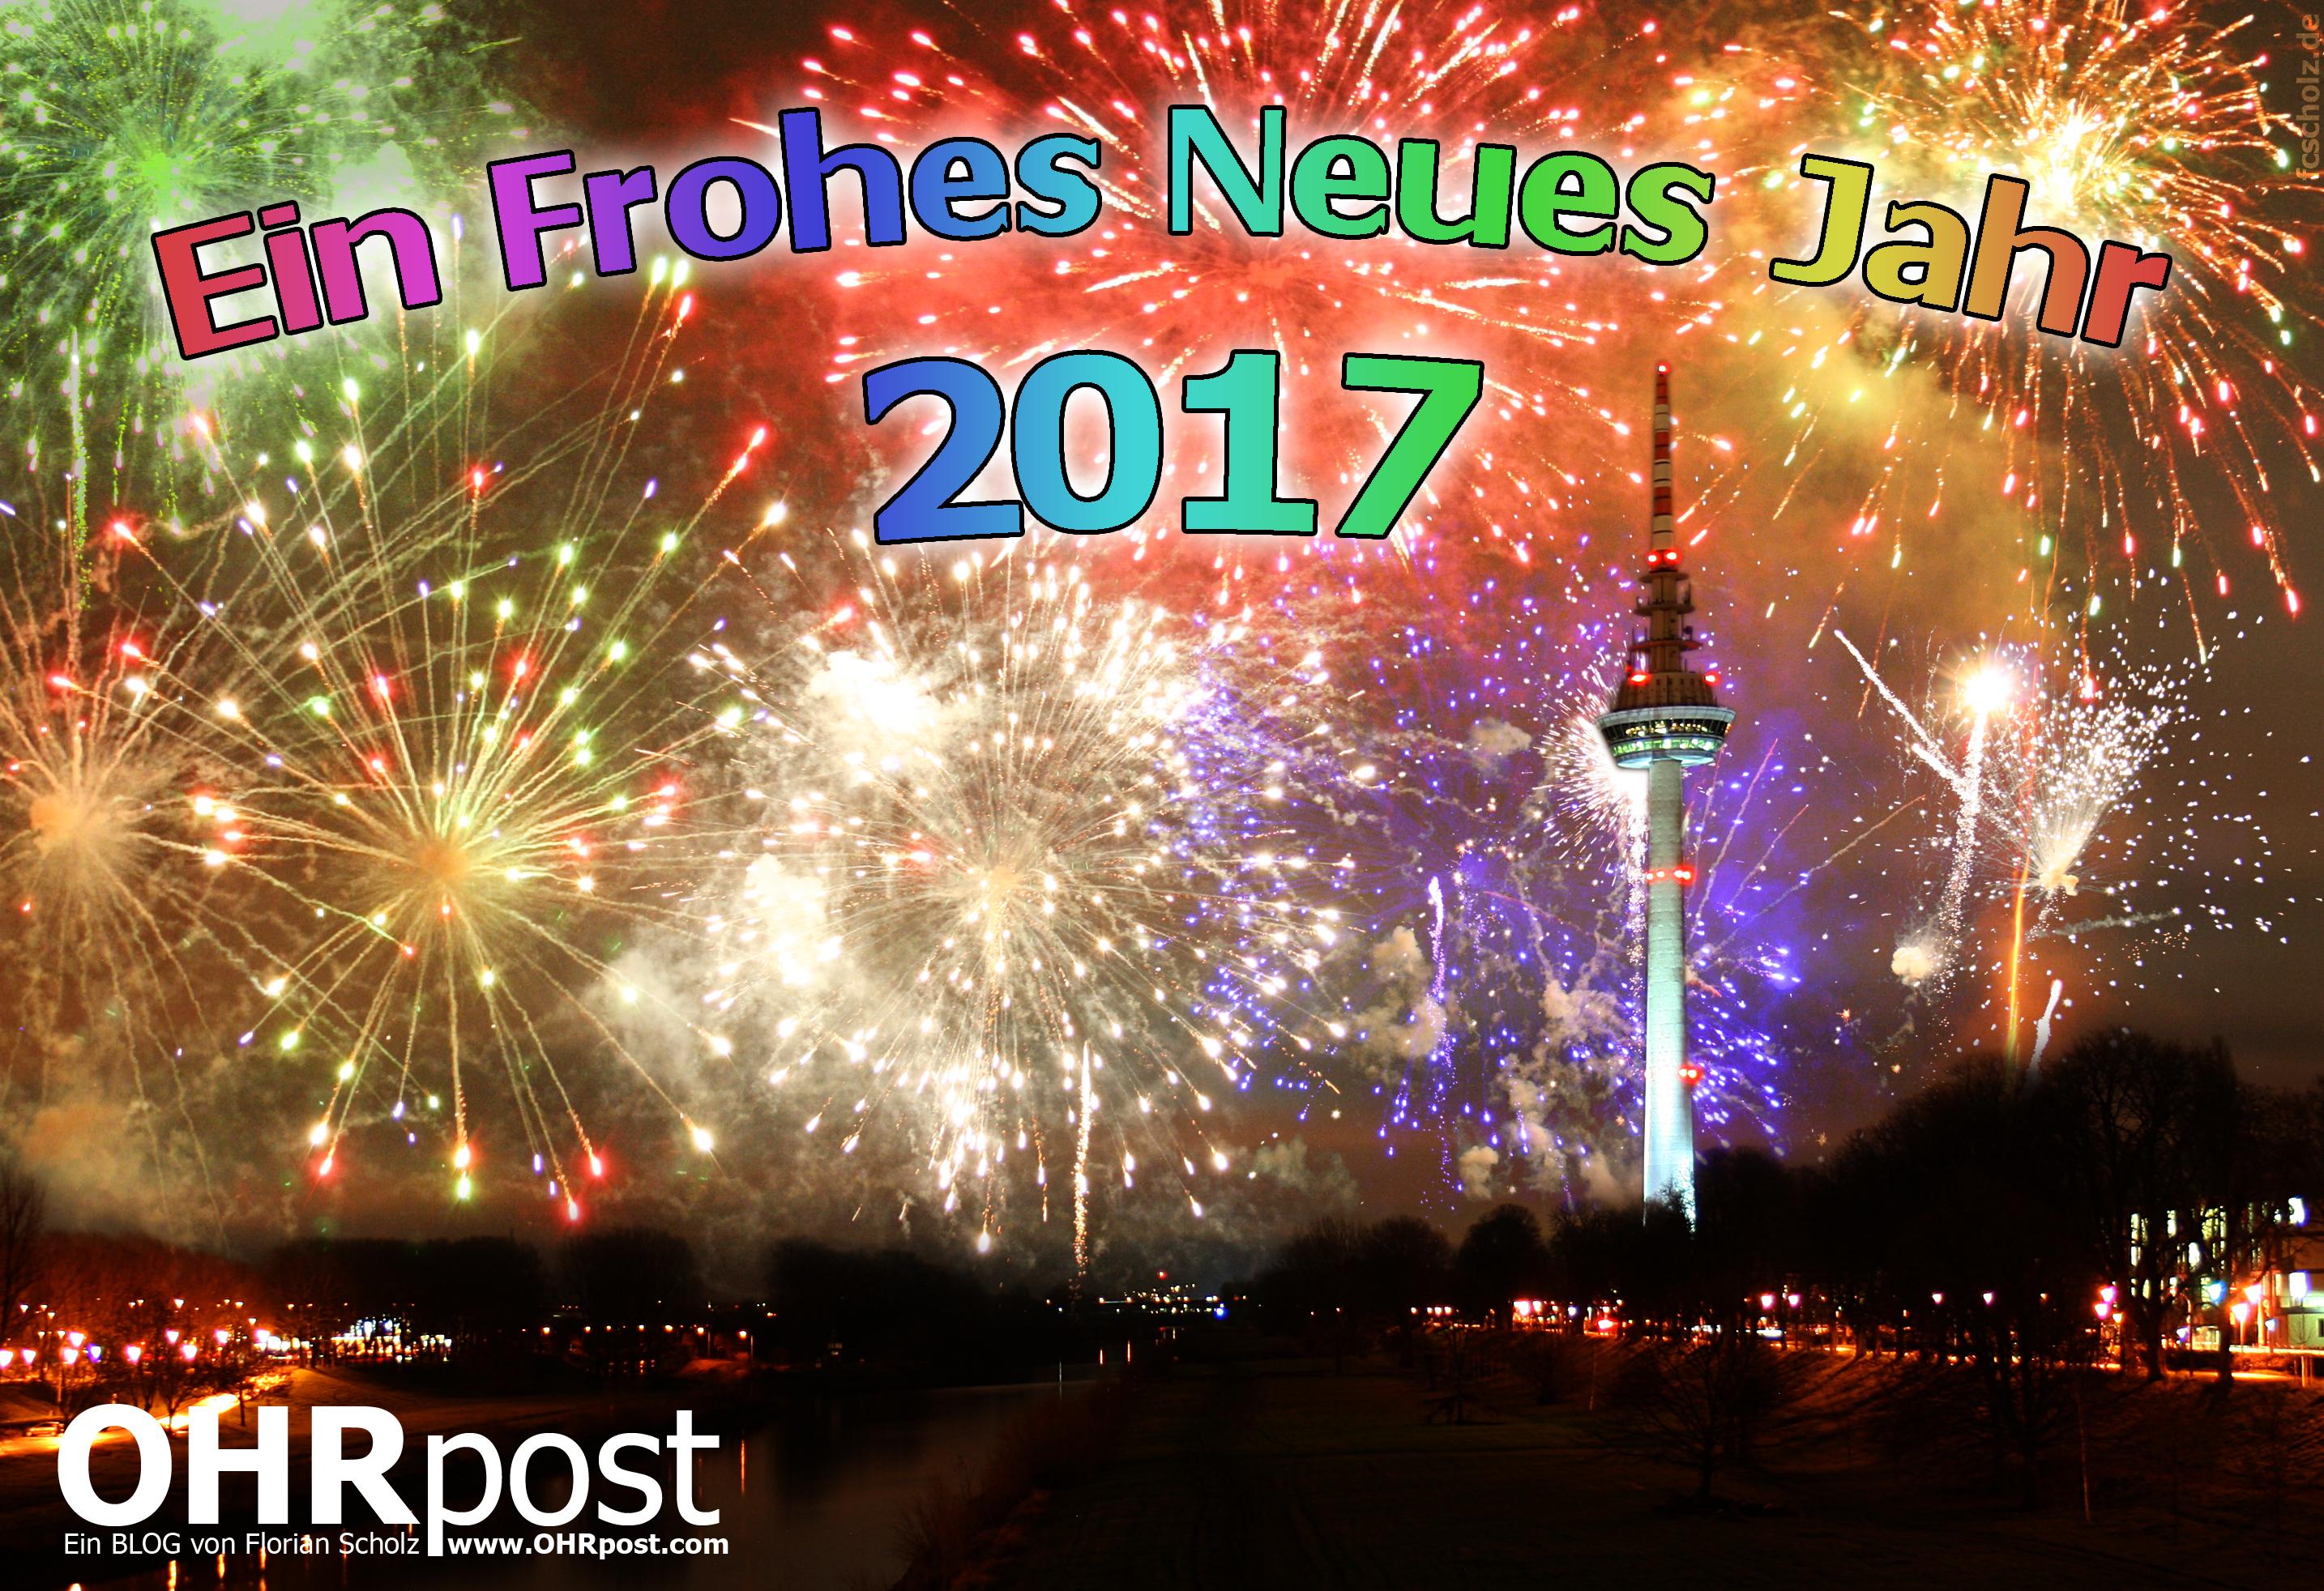 Prosit Neujahr 2017 - allen OHRPost-Lesern